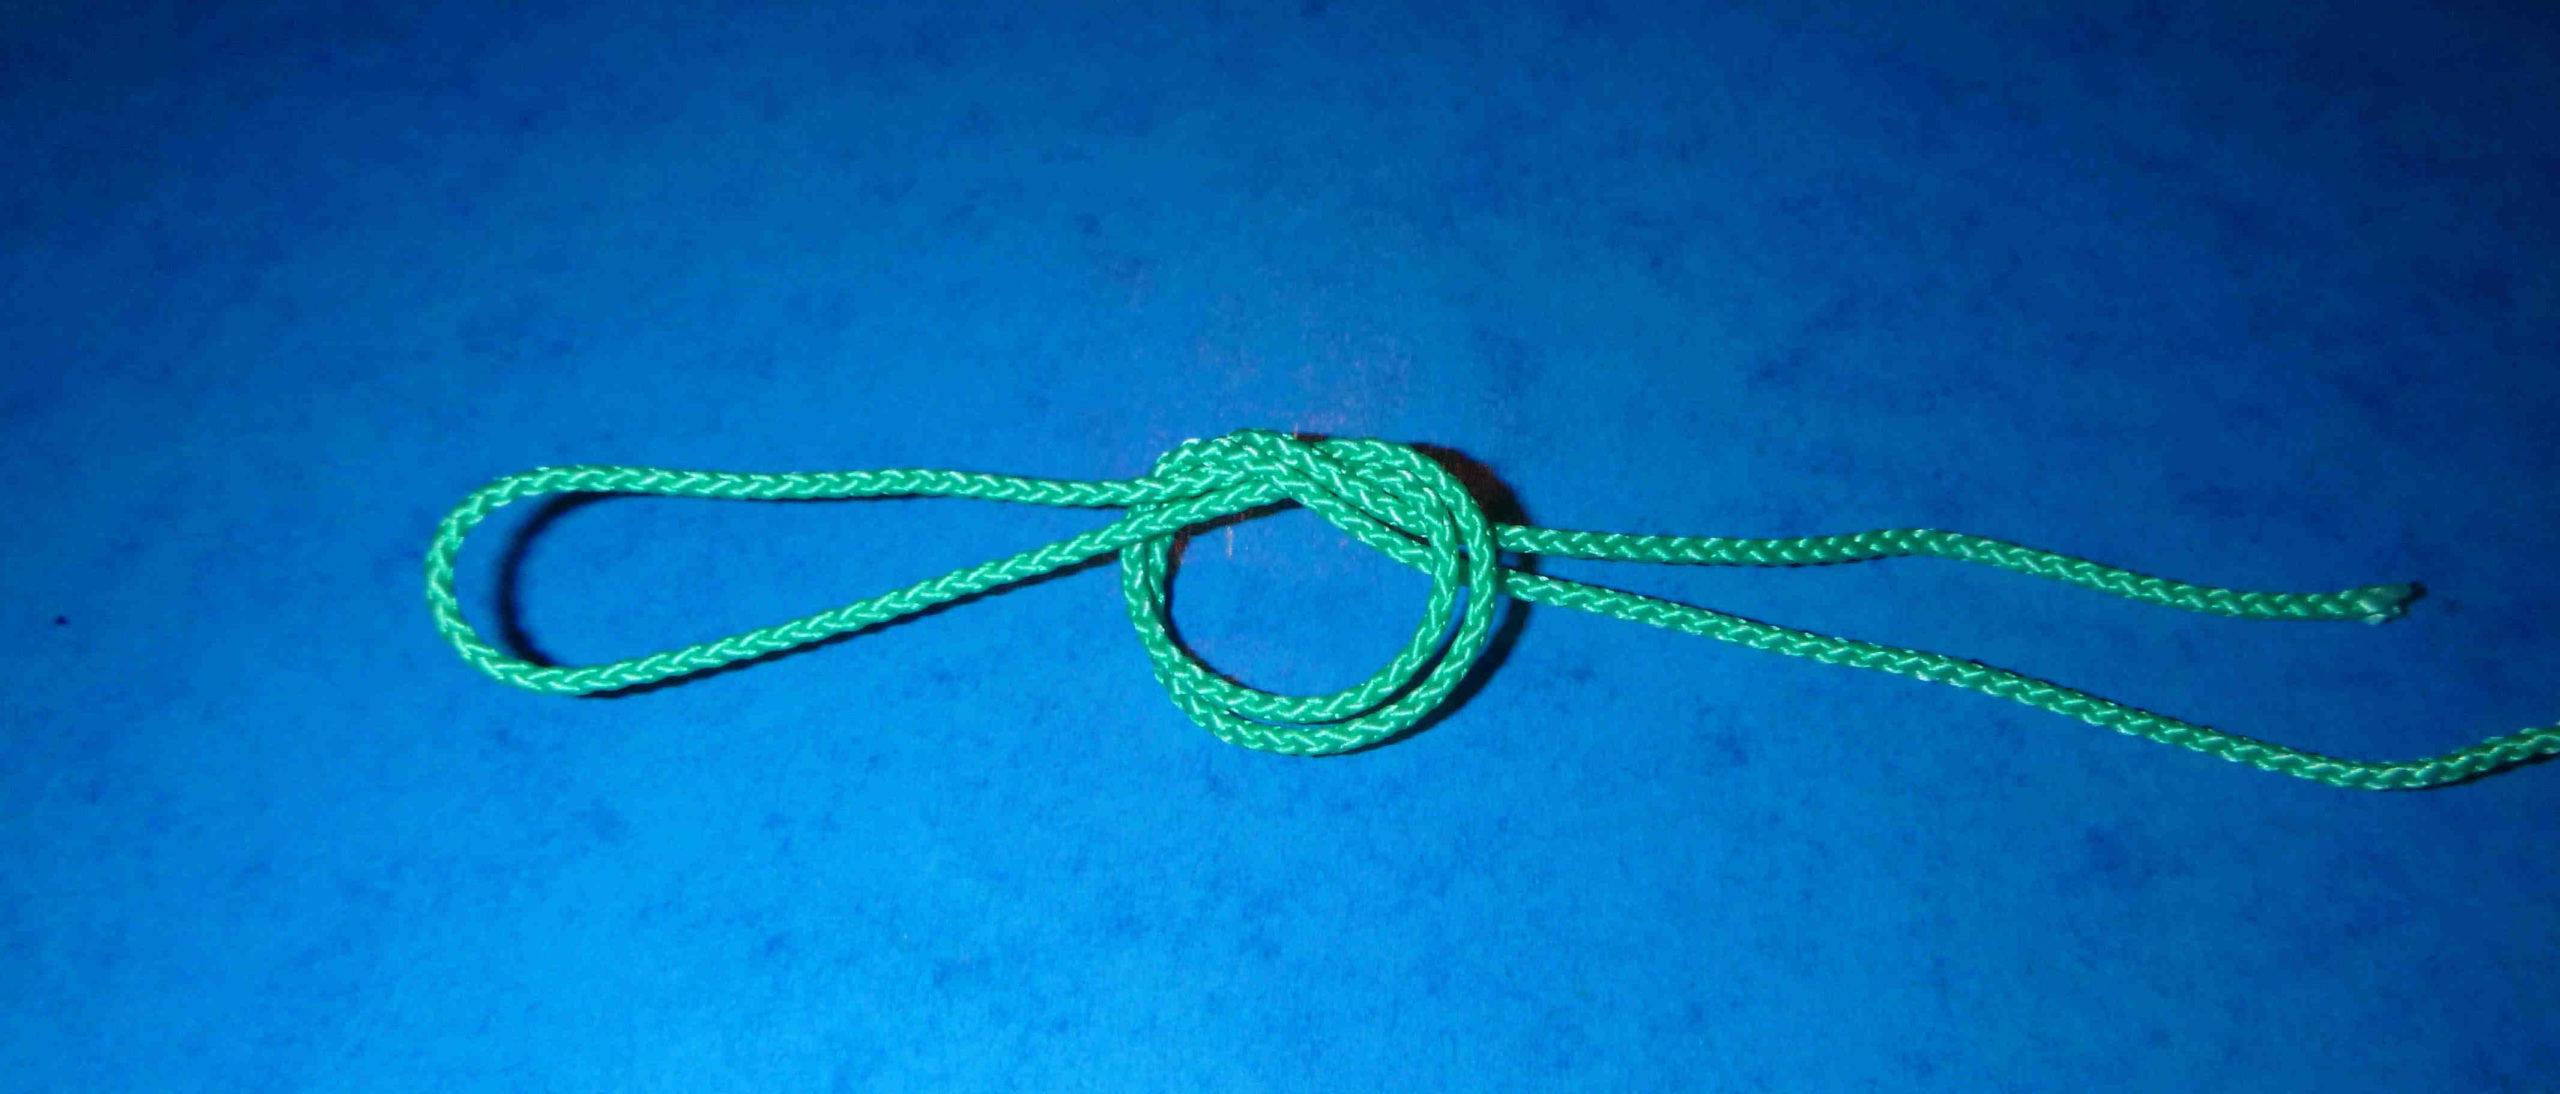 Comment faire une boucle avec un fil de pêche ?